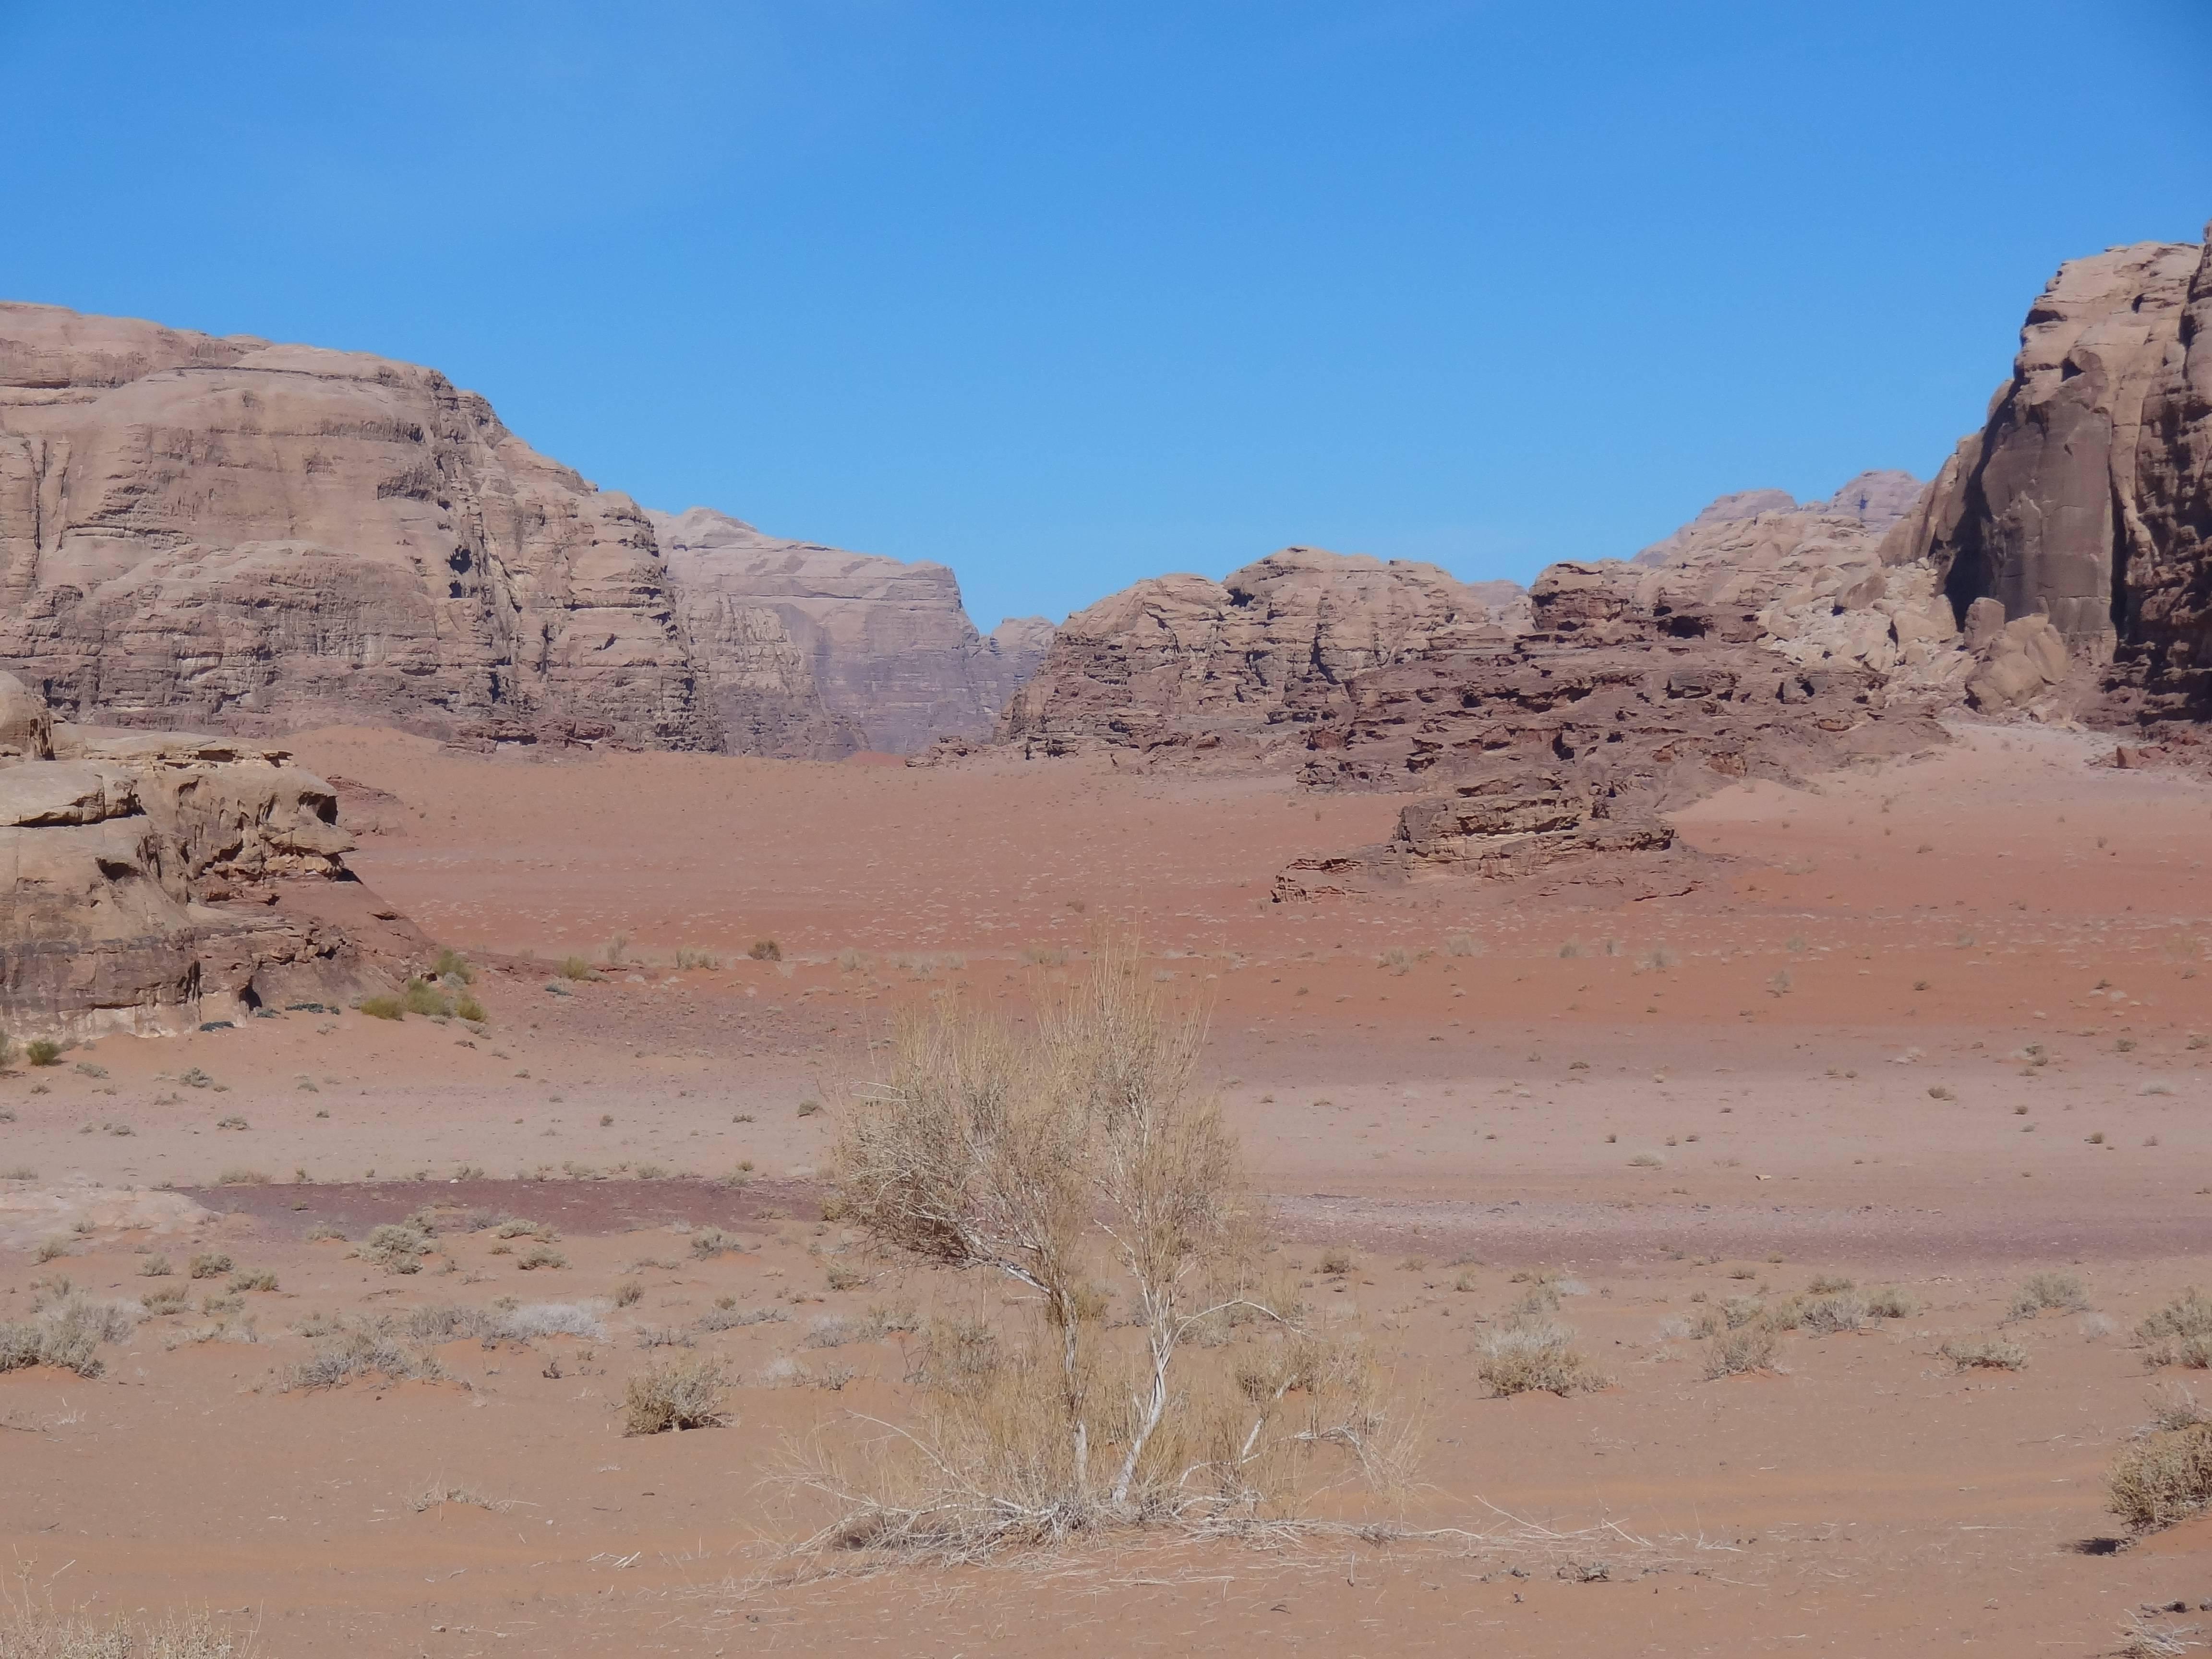 Photo 2: Immersion dans le Wadi Rum